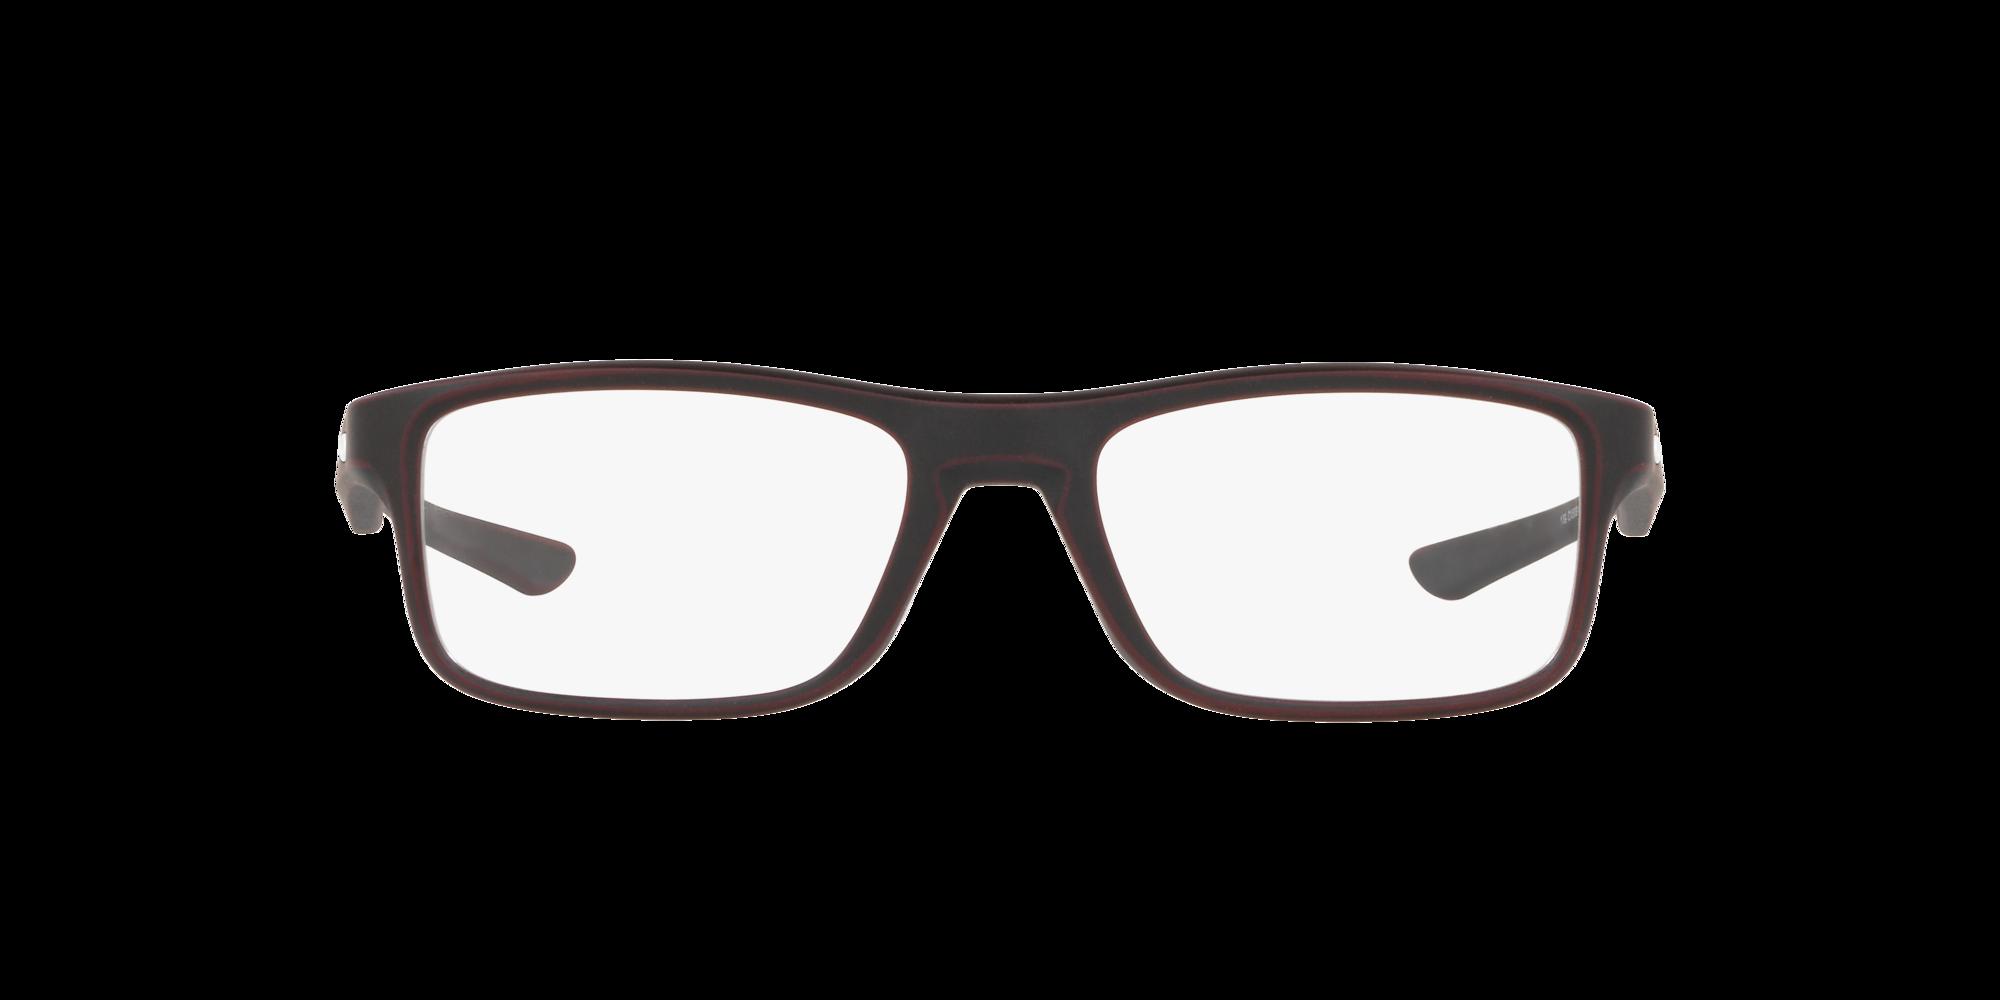 Imagen para OX8081 PLANK 2.0 de LensCrafters |  Espejuelos, espejuelos graduados en línea, gafas